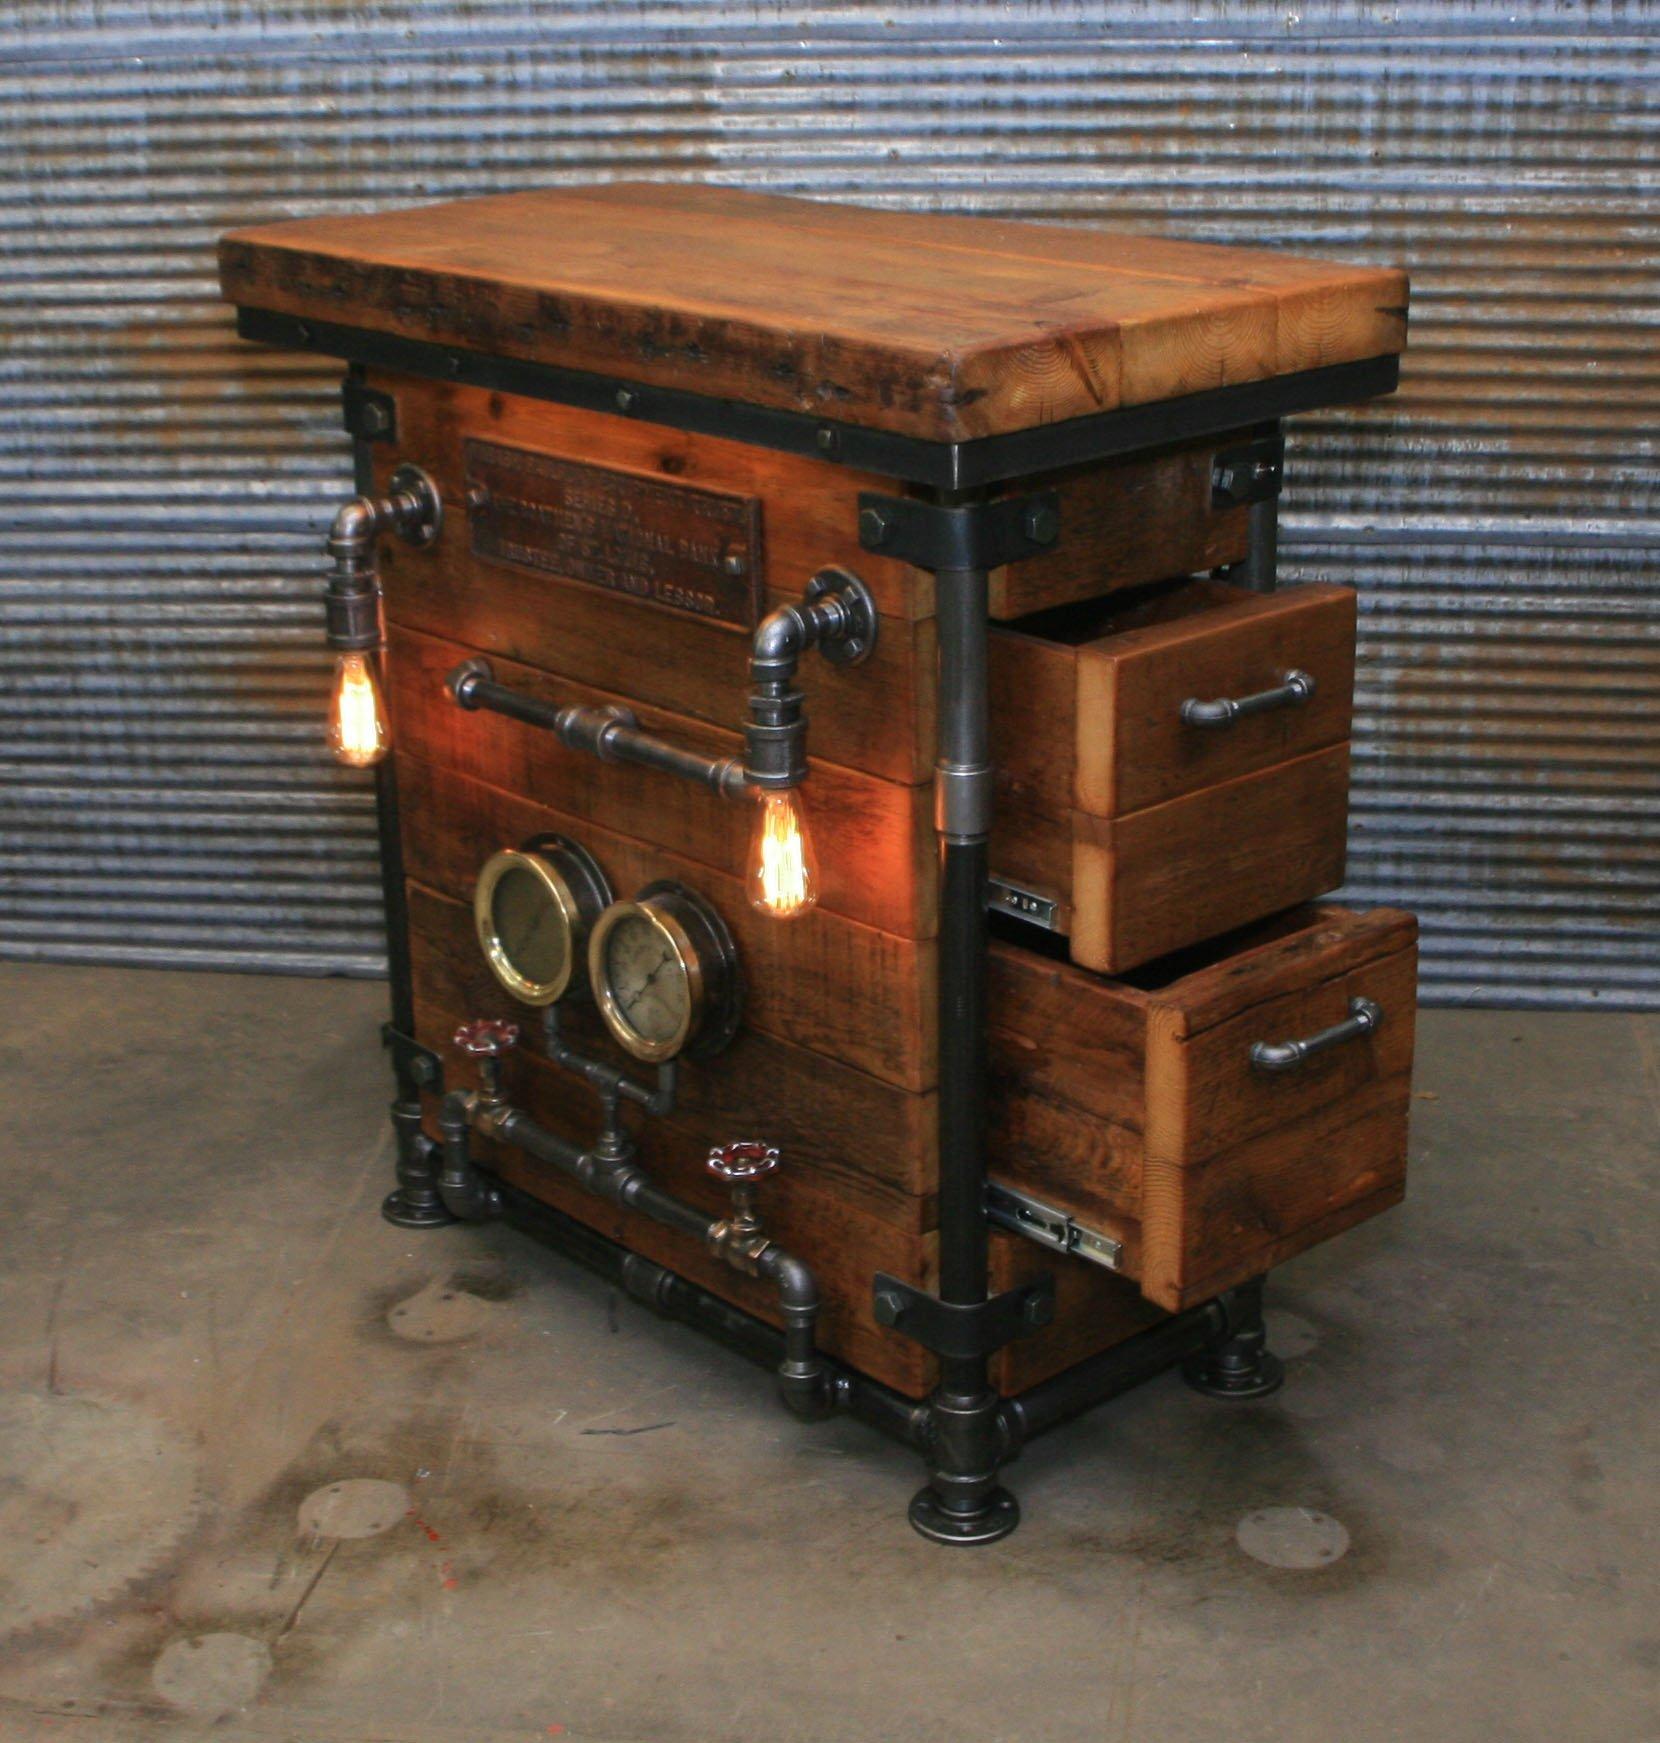 Steampunk Industrial Pub Or Bar Table Barnwood Steam